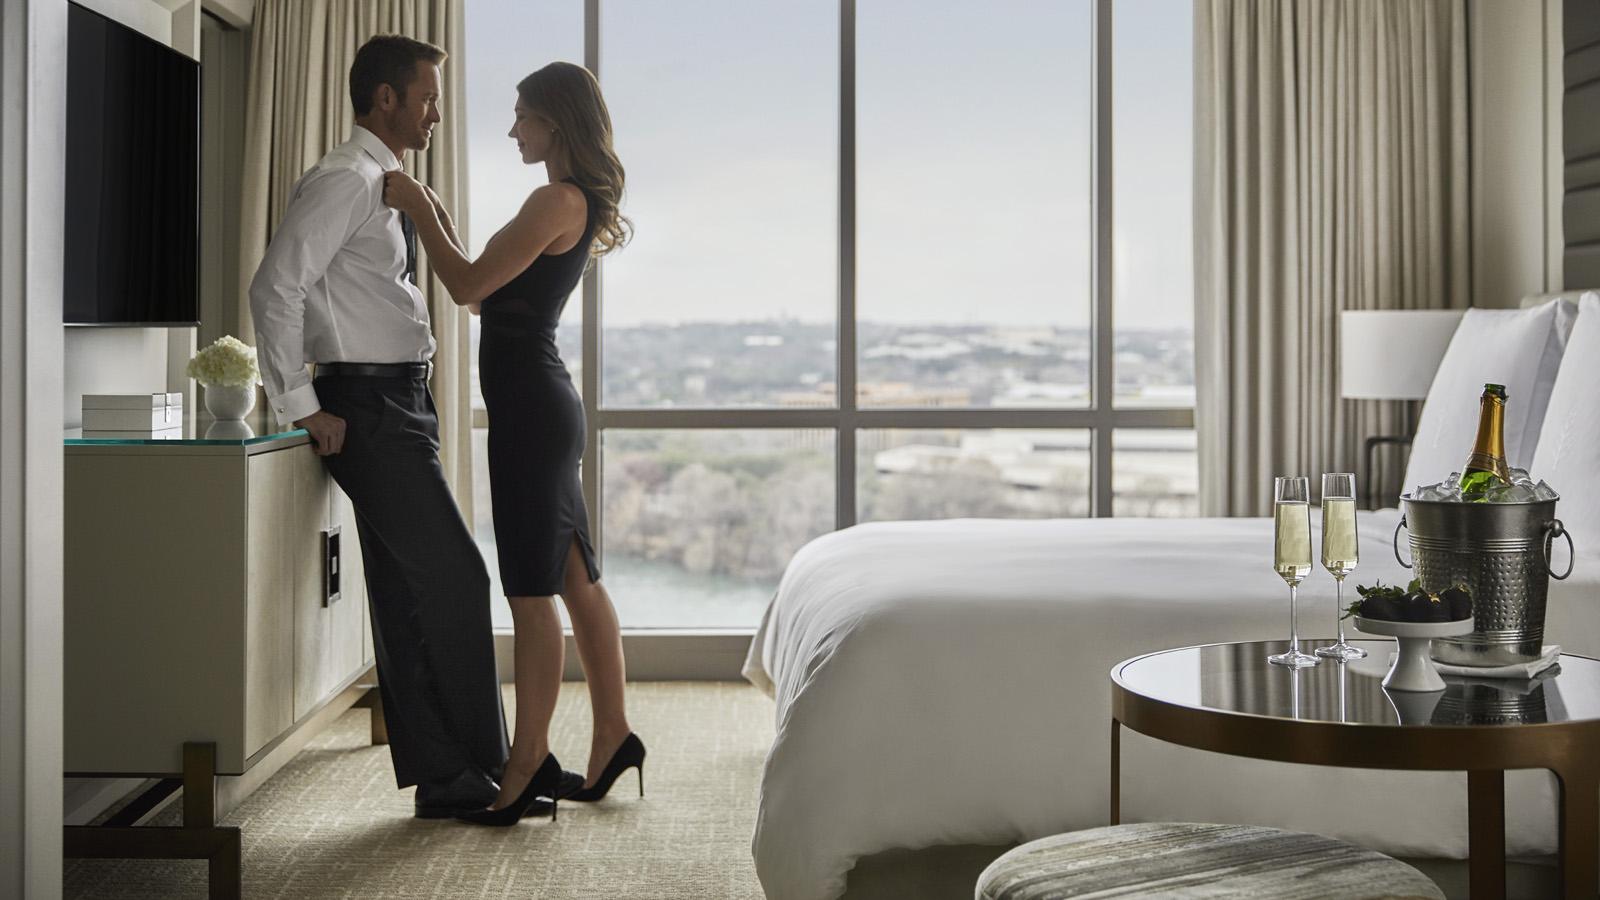 любовные встречи в гостинице - 9